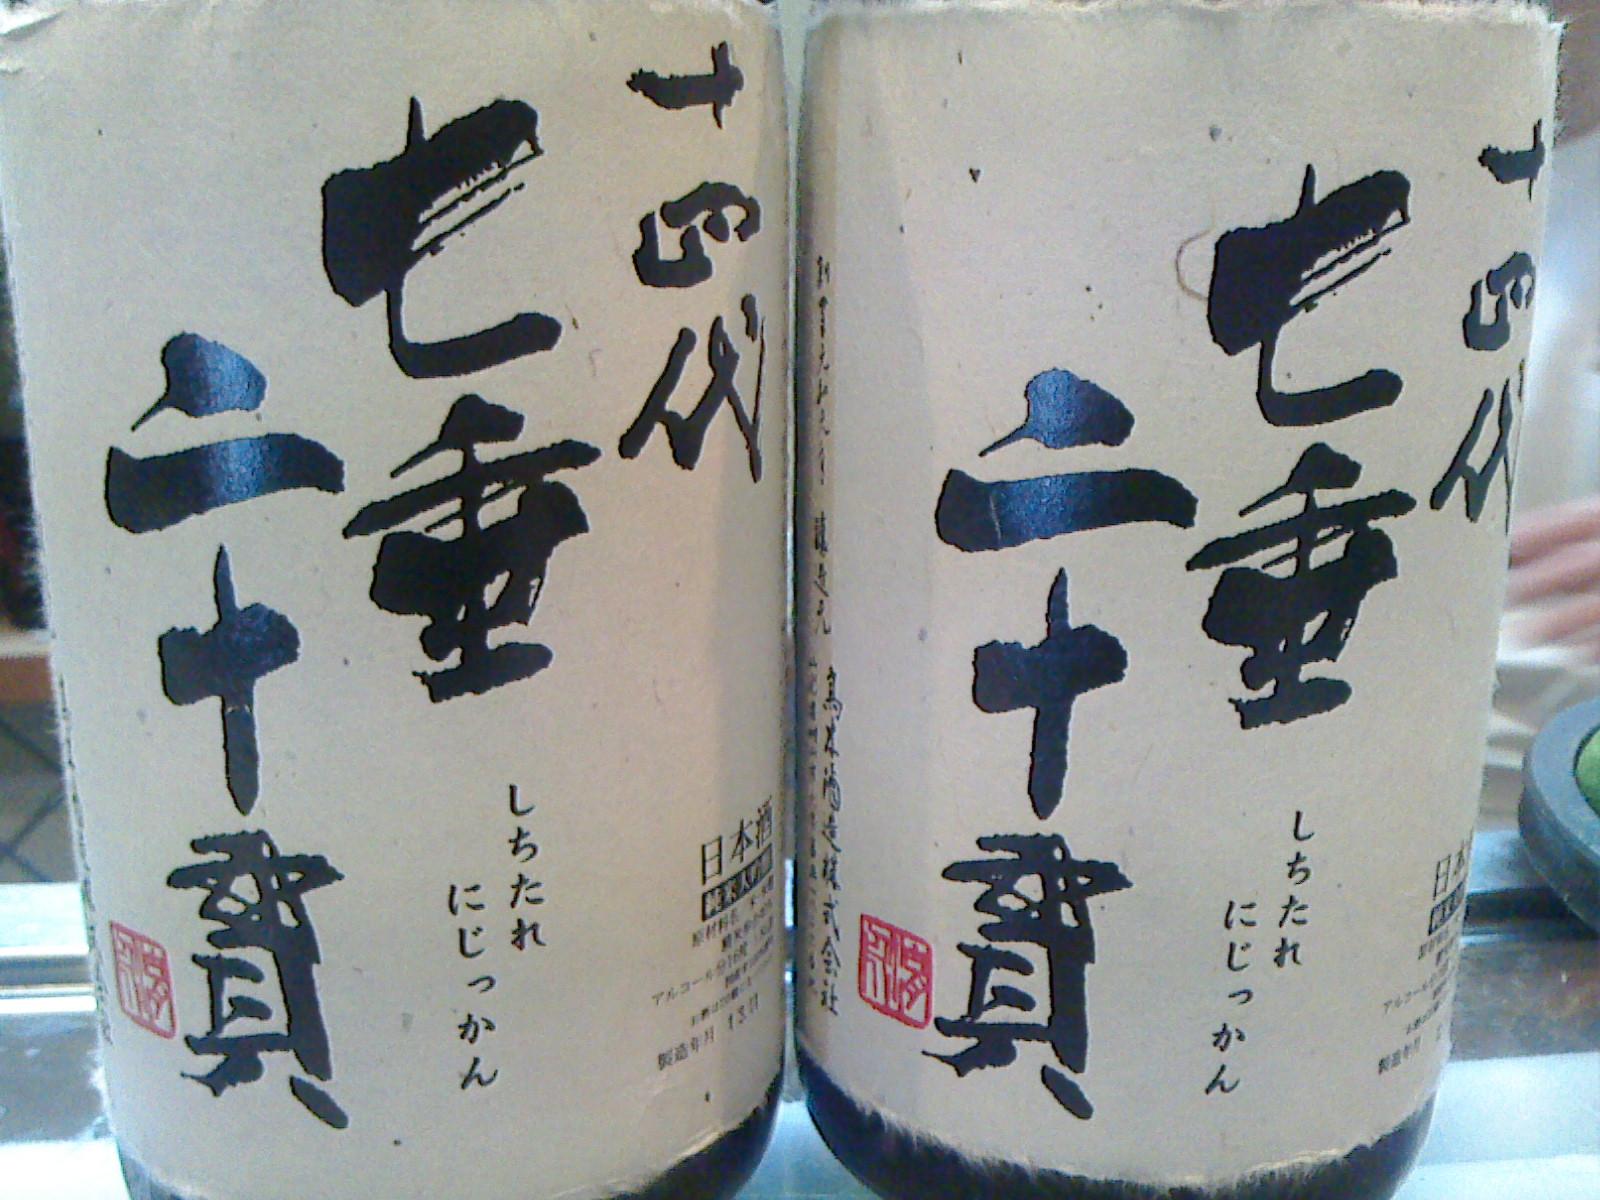 千葉でとても美味しいお寿司をお腹いっぱいいただきました。_c0225997_9392465.jpg